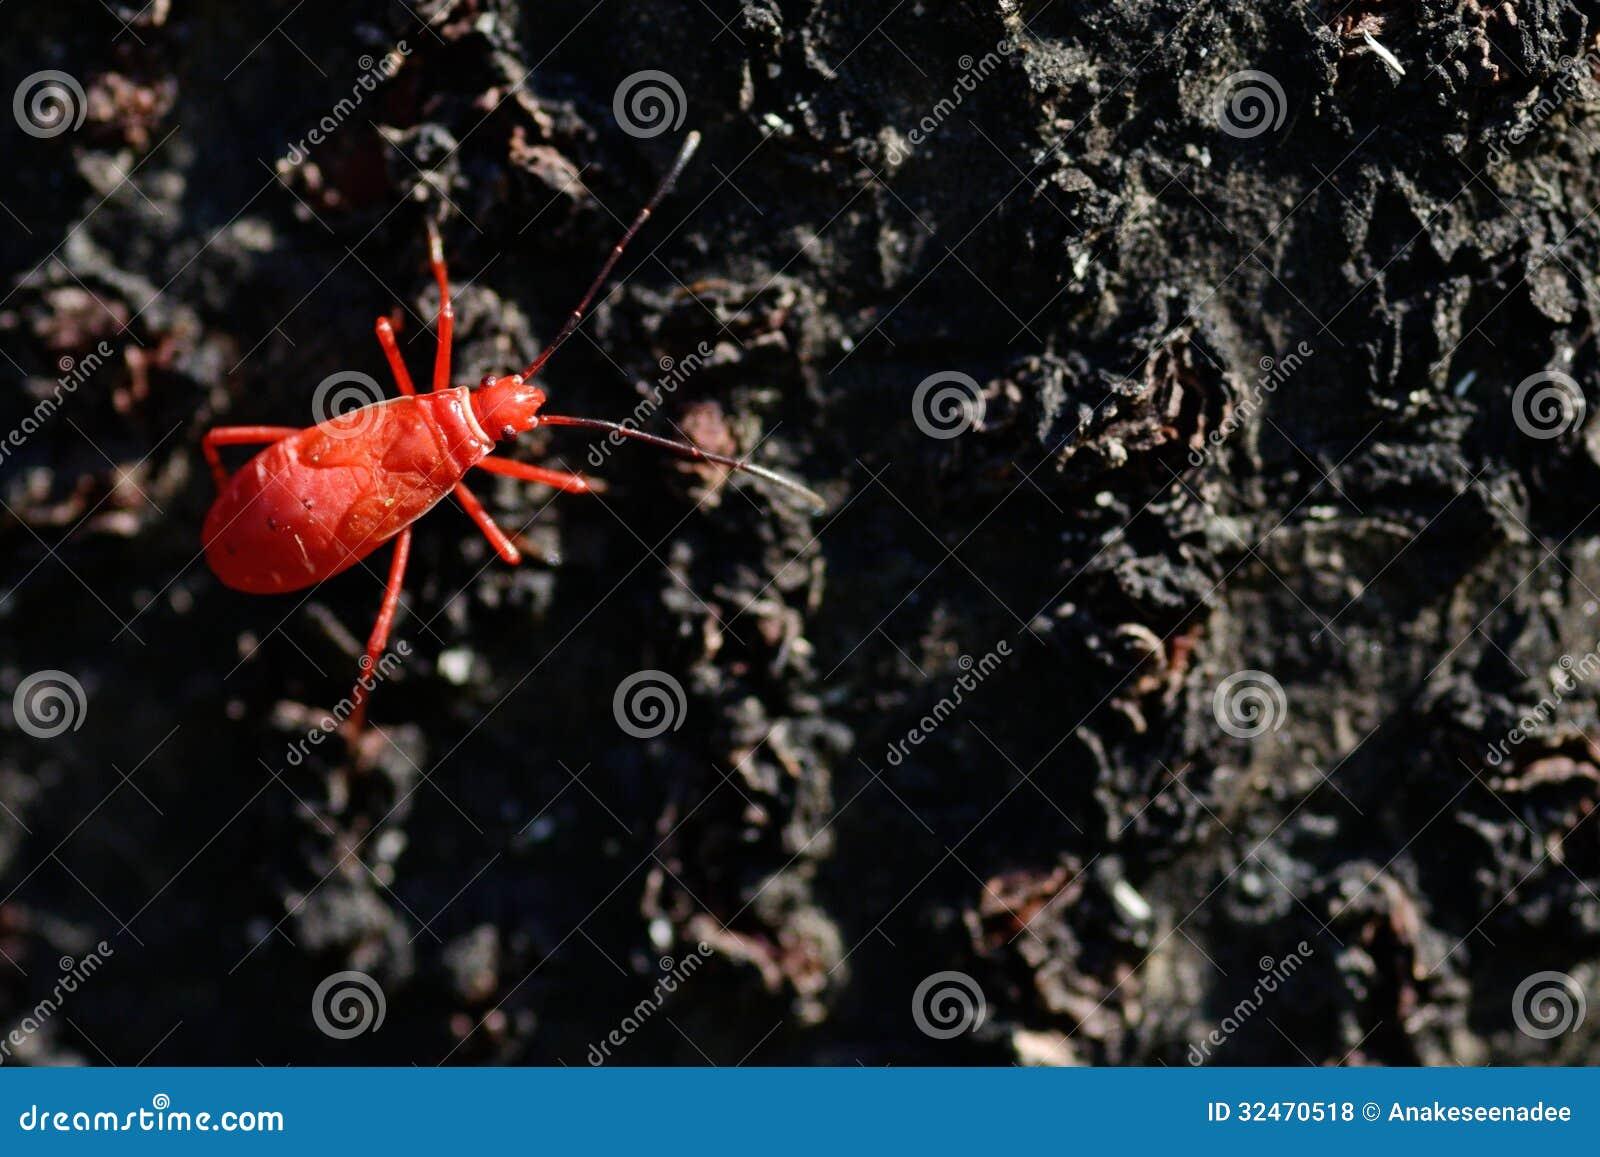 Insecte rouge sur le noir photos libres de droits image 32470518 - Insecte rouge et noir ...